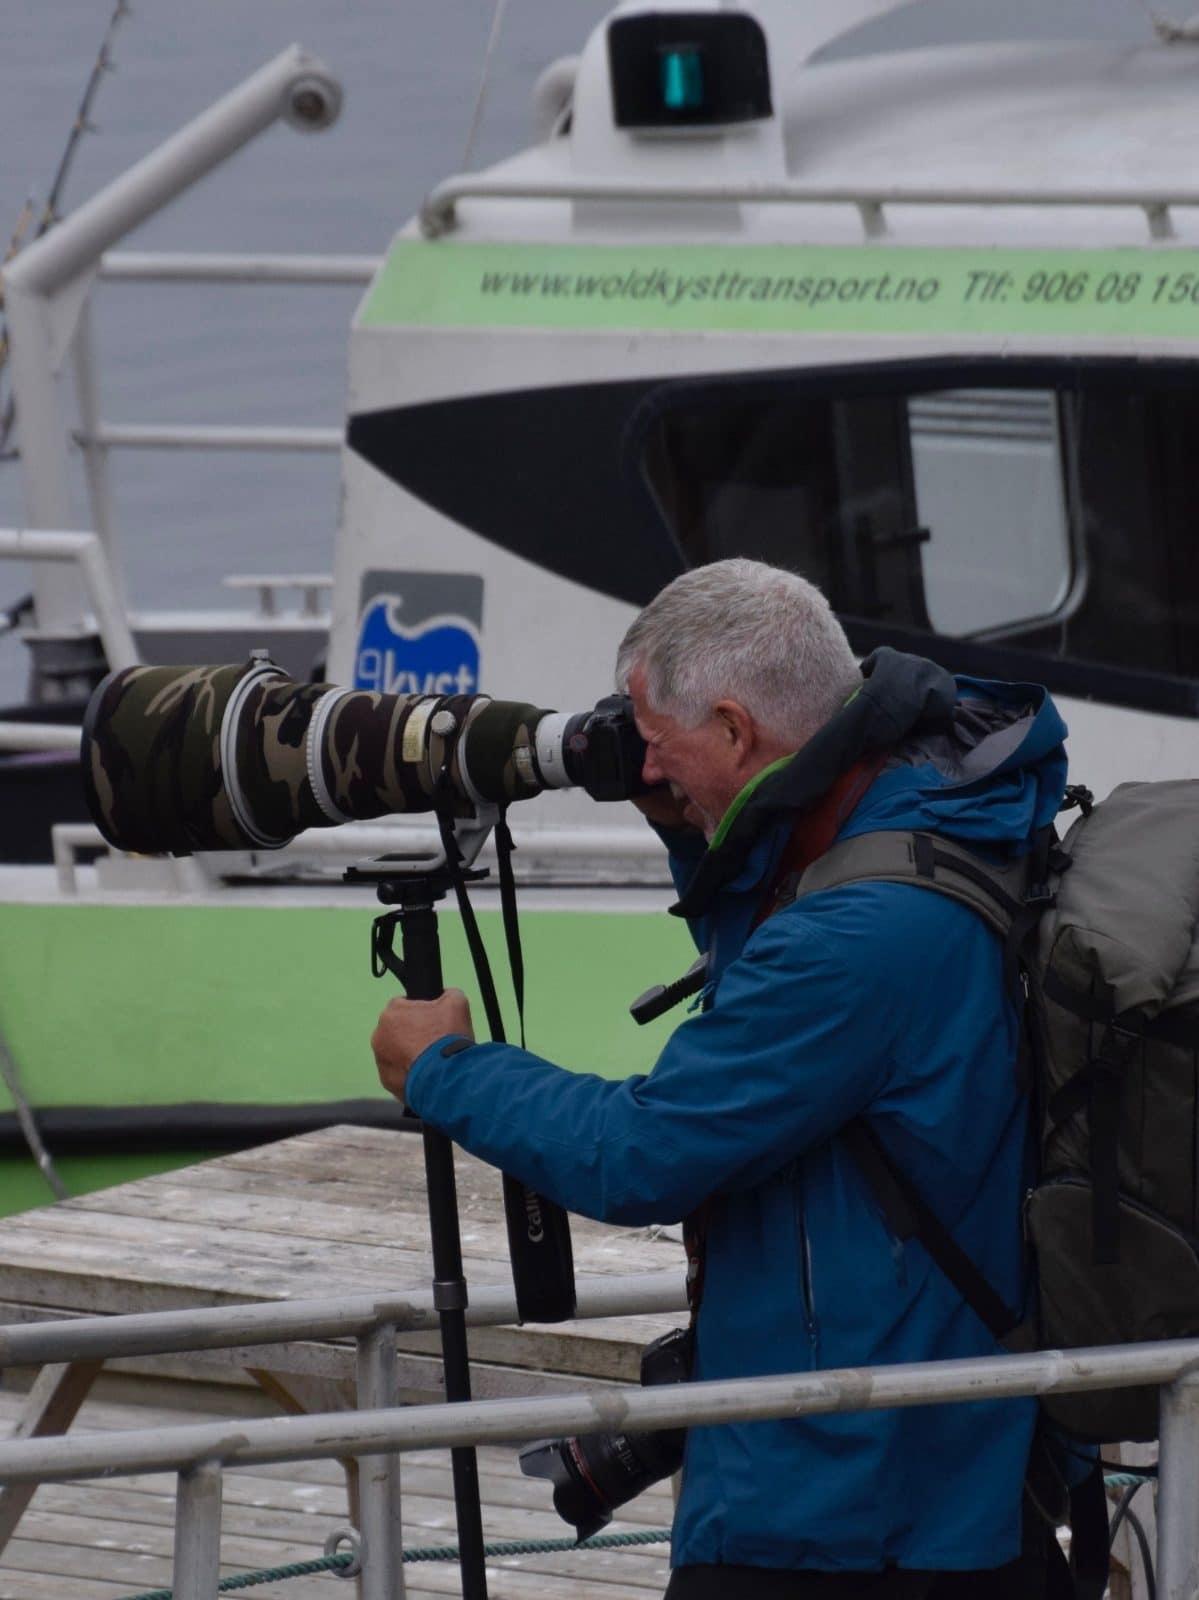 Dyre- og fugleopplevelser på Halten i Froan - bli med på fototur til Halten med Wold Kysttransport, Frøya